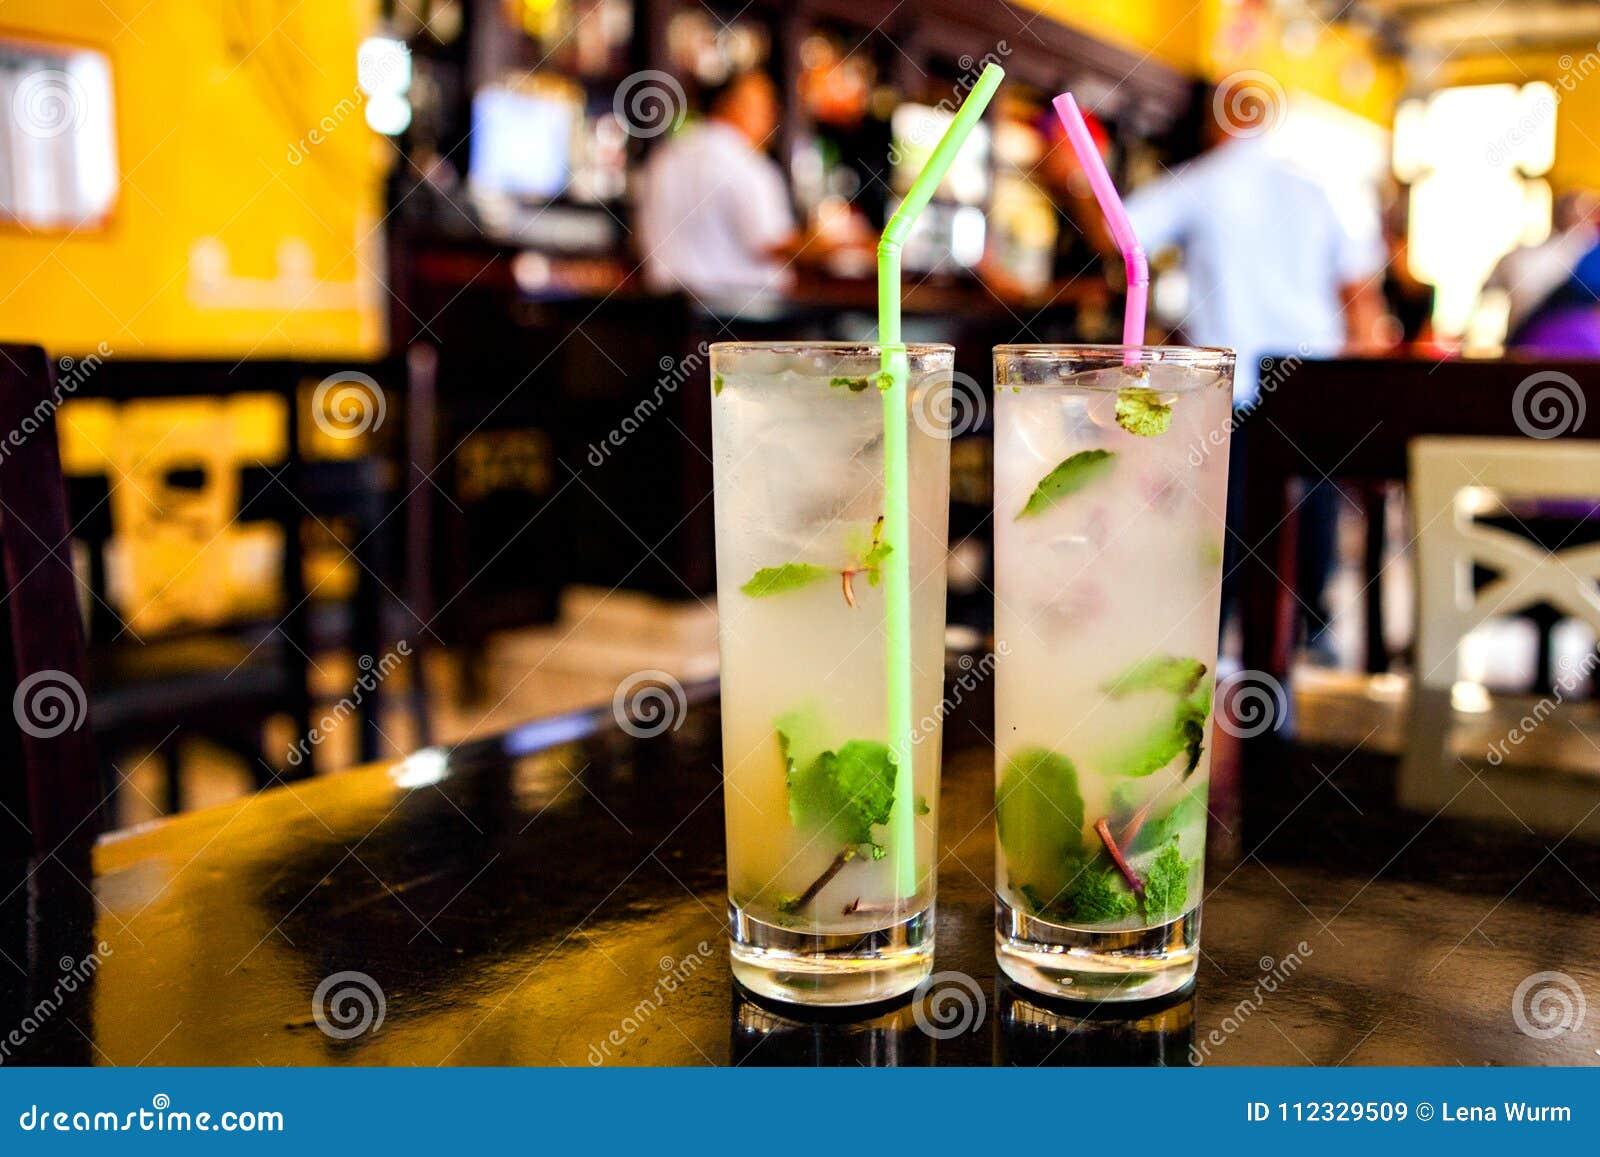 Mojito-Cocktail in einer Bar in Kuba/in Havana